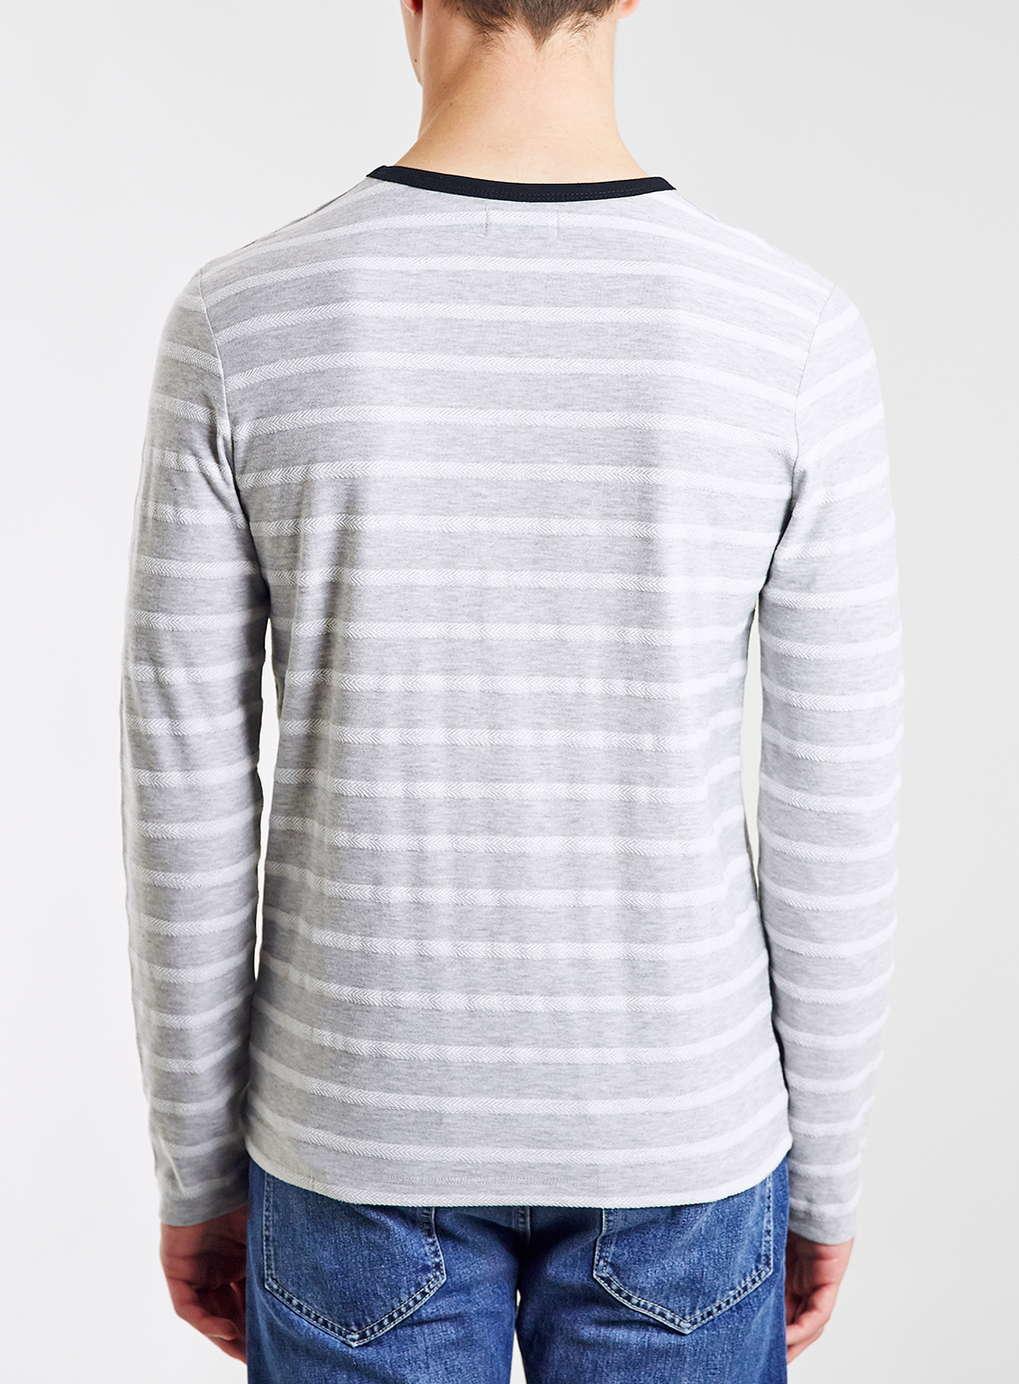 Topman white grey striped long sleeve ringer t shirt in for Blue and white striped long sleeve t shirt